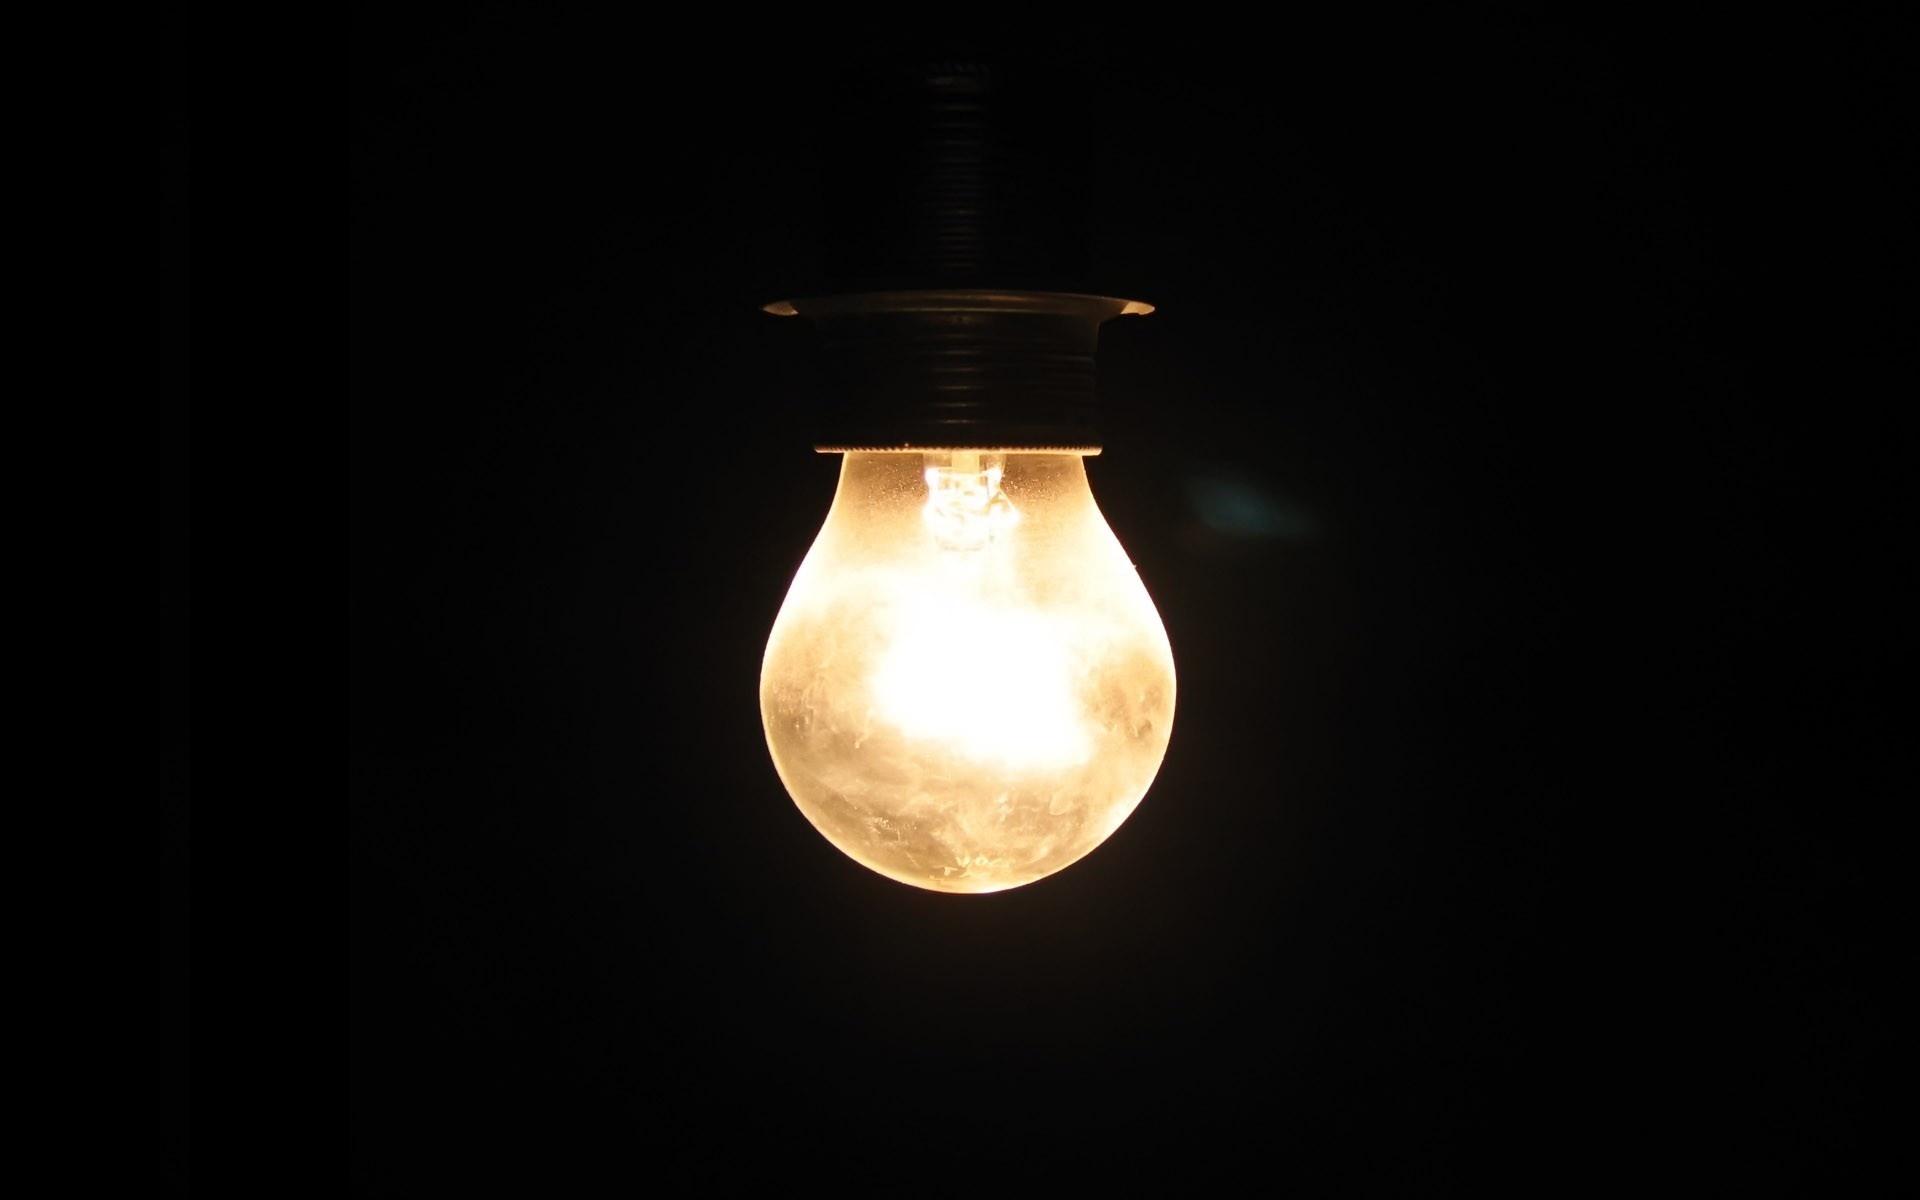 В Крыму могут наблюдаться проблемы с подачей электроэнергии